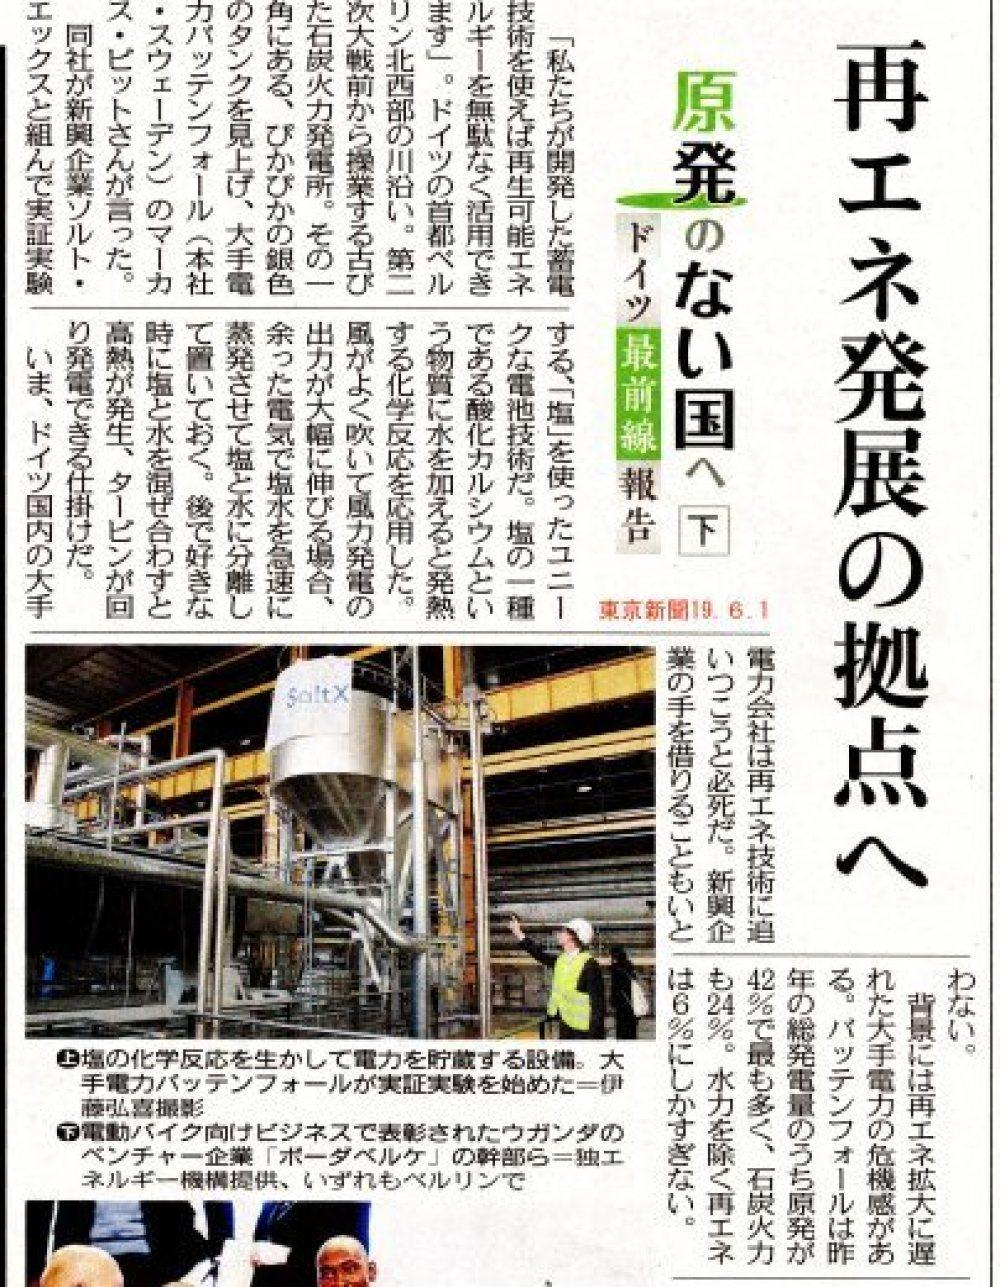 ドイツ最前線報告 再エネ発展の拠点に / 原発のない国へ 下 東京新聞 _b0242956_11391565.jpg